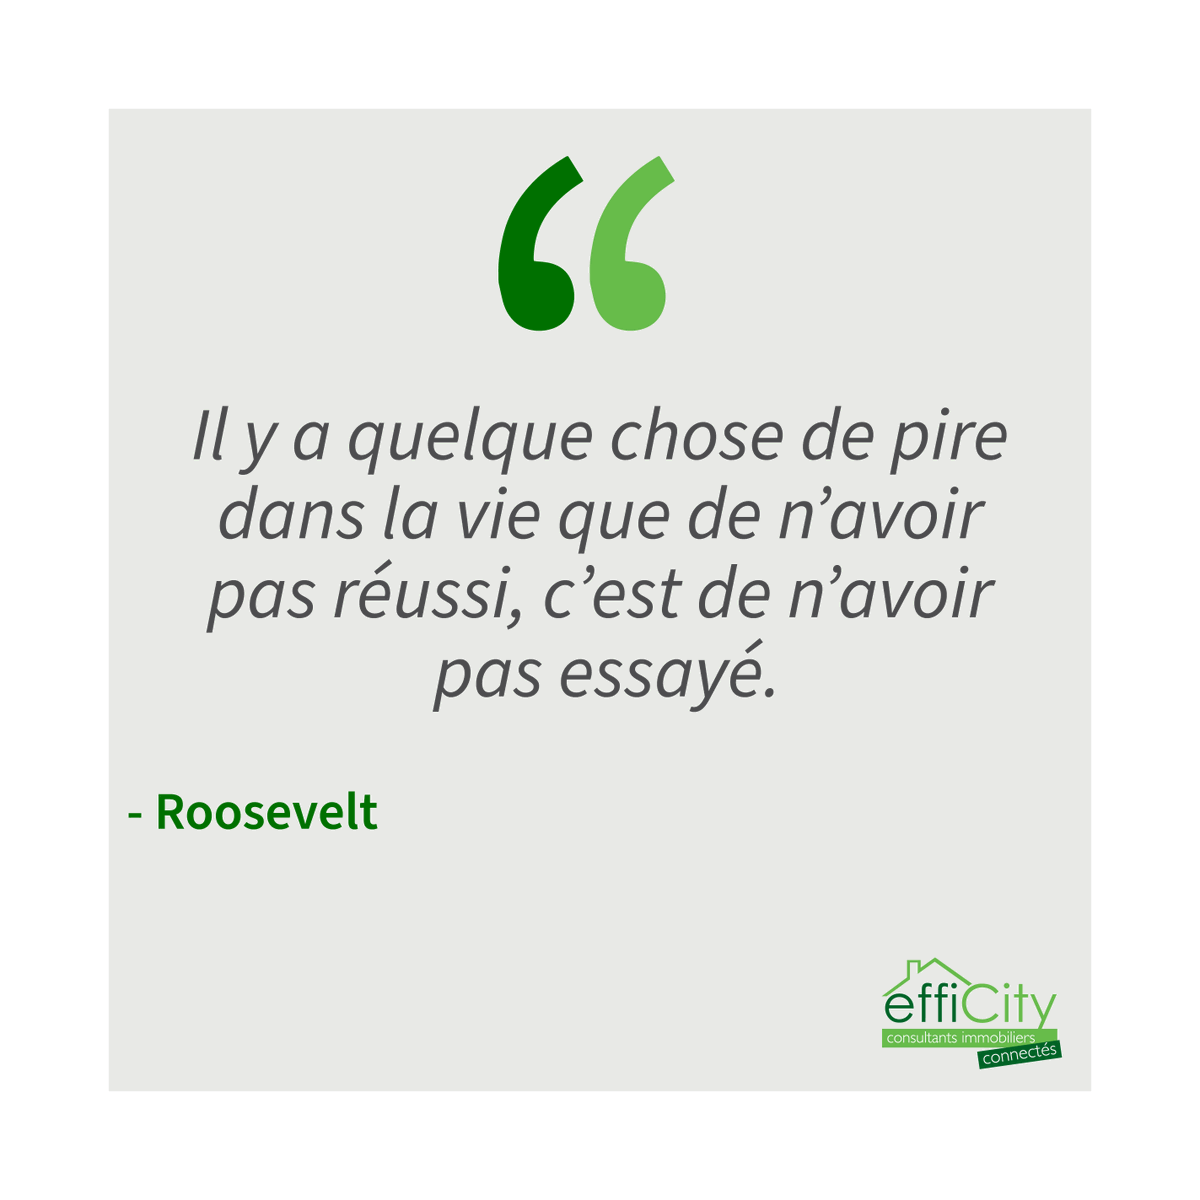 Lancez-vous et rejoignez notre équipe d'entrepreneurs passionnés et épanouis. 🤩💚  #citationdelasemaine #quote #immobilier #nouvellevie #aventure #entreprendre https://t.co/Eqke2YSqFn